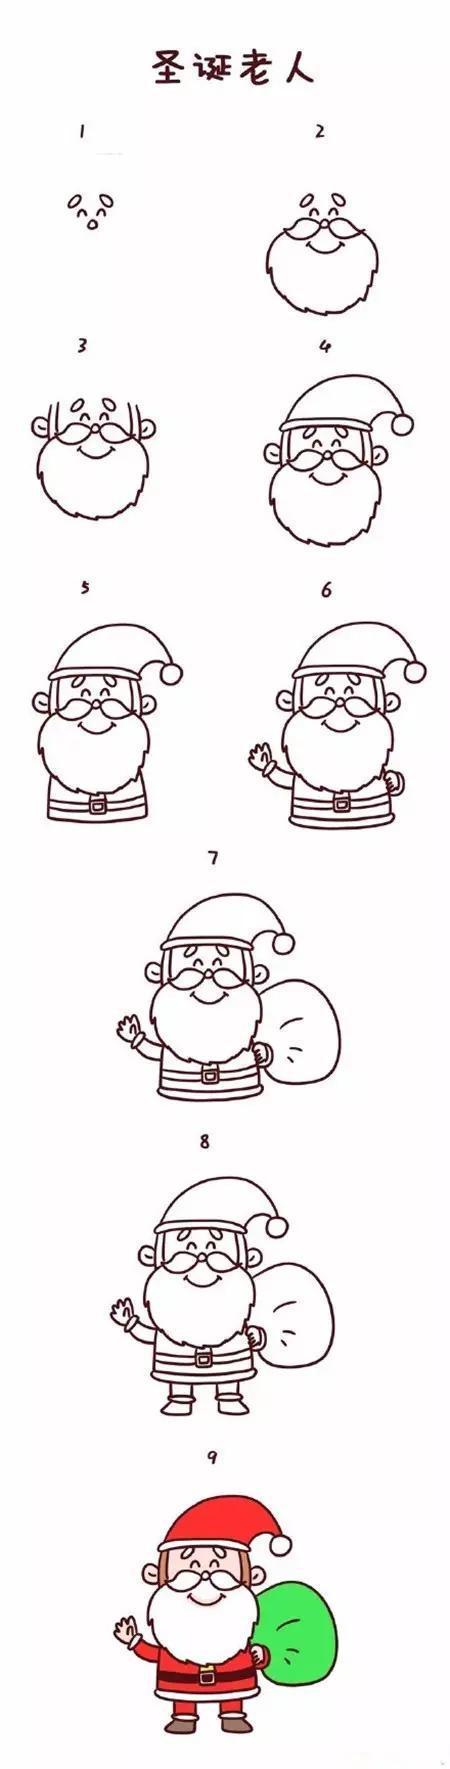 圣诞节图片大全简笔画图片,简单又可爱的圣诞节简笔画